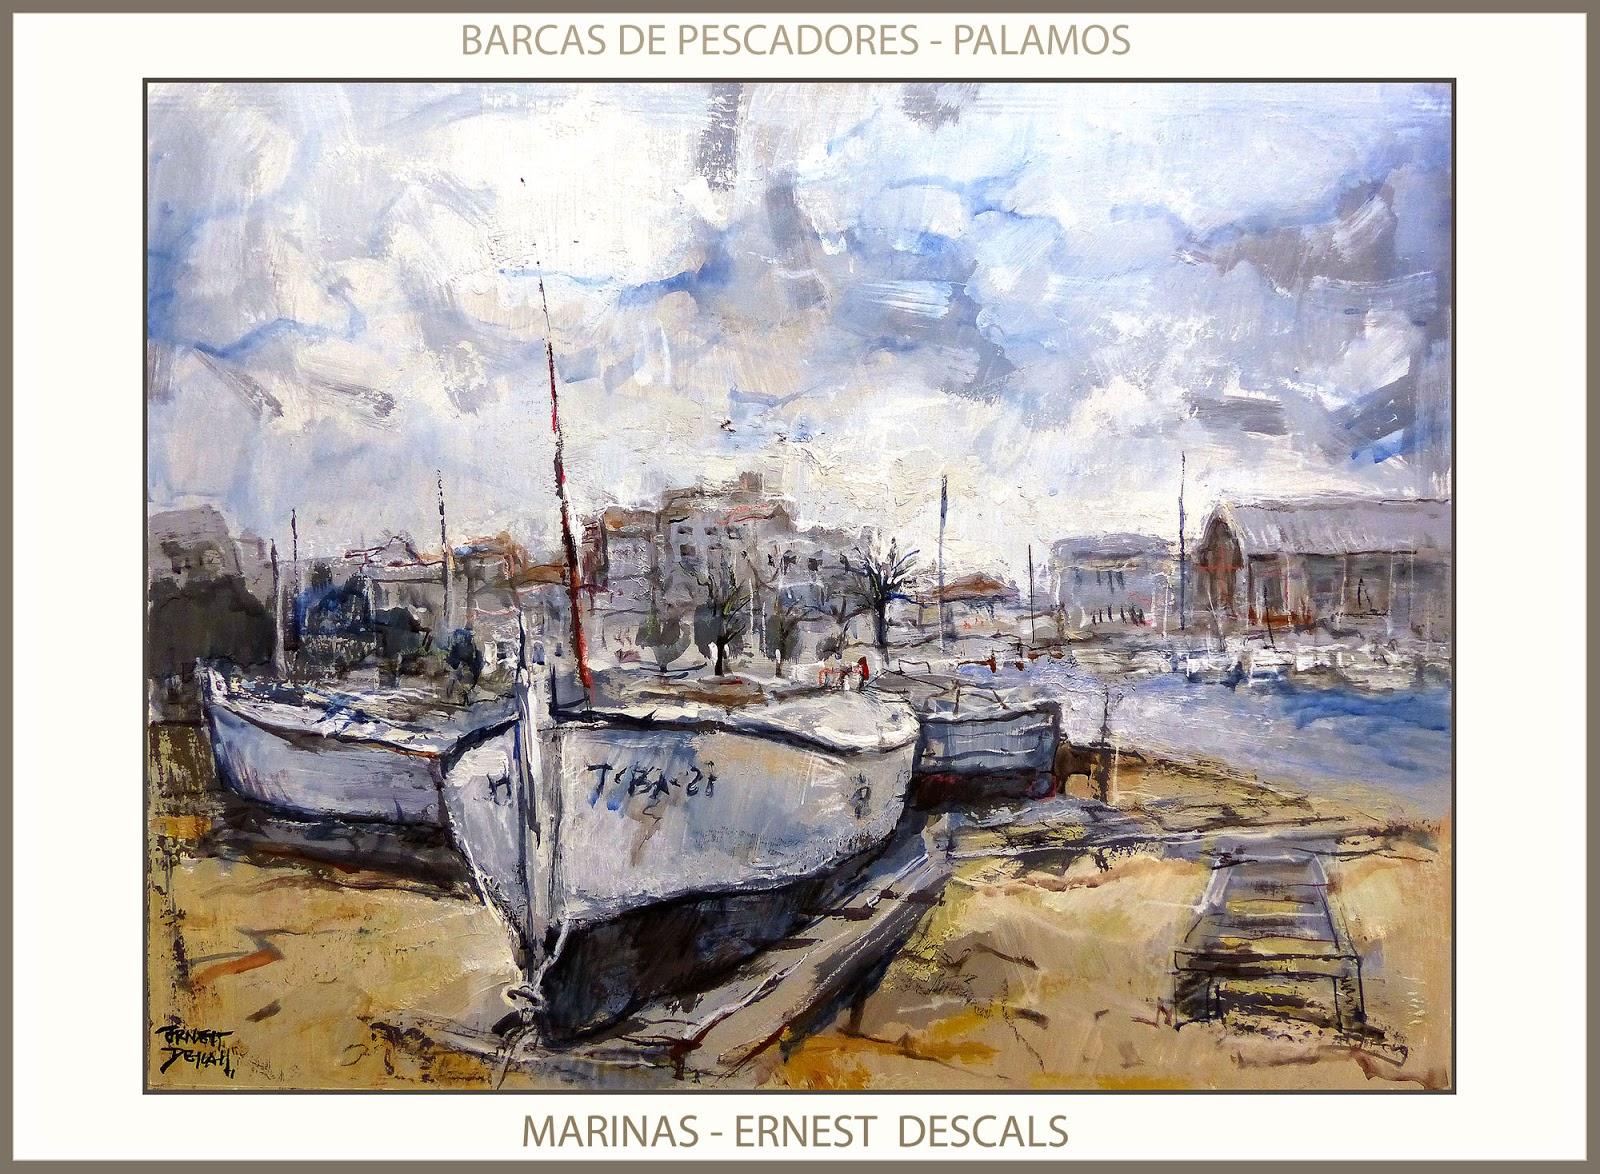 Ernest descals artista pintor pinturas marina palamos for Cuadros de marinas